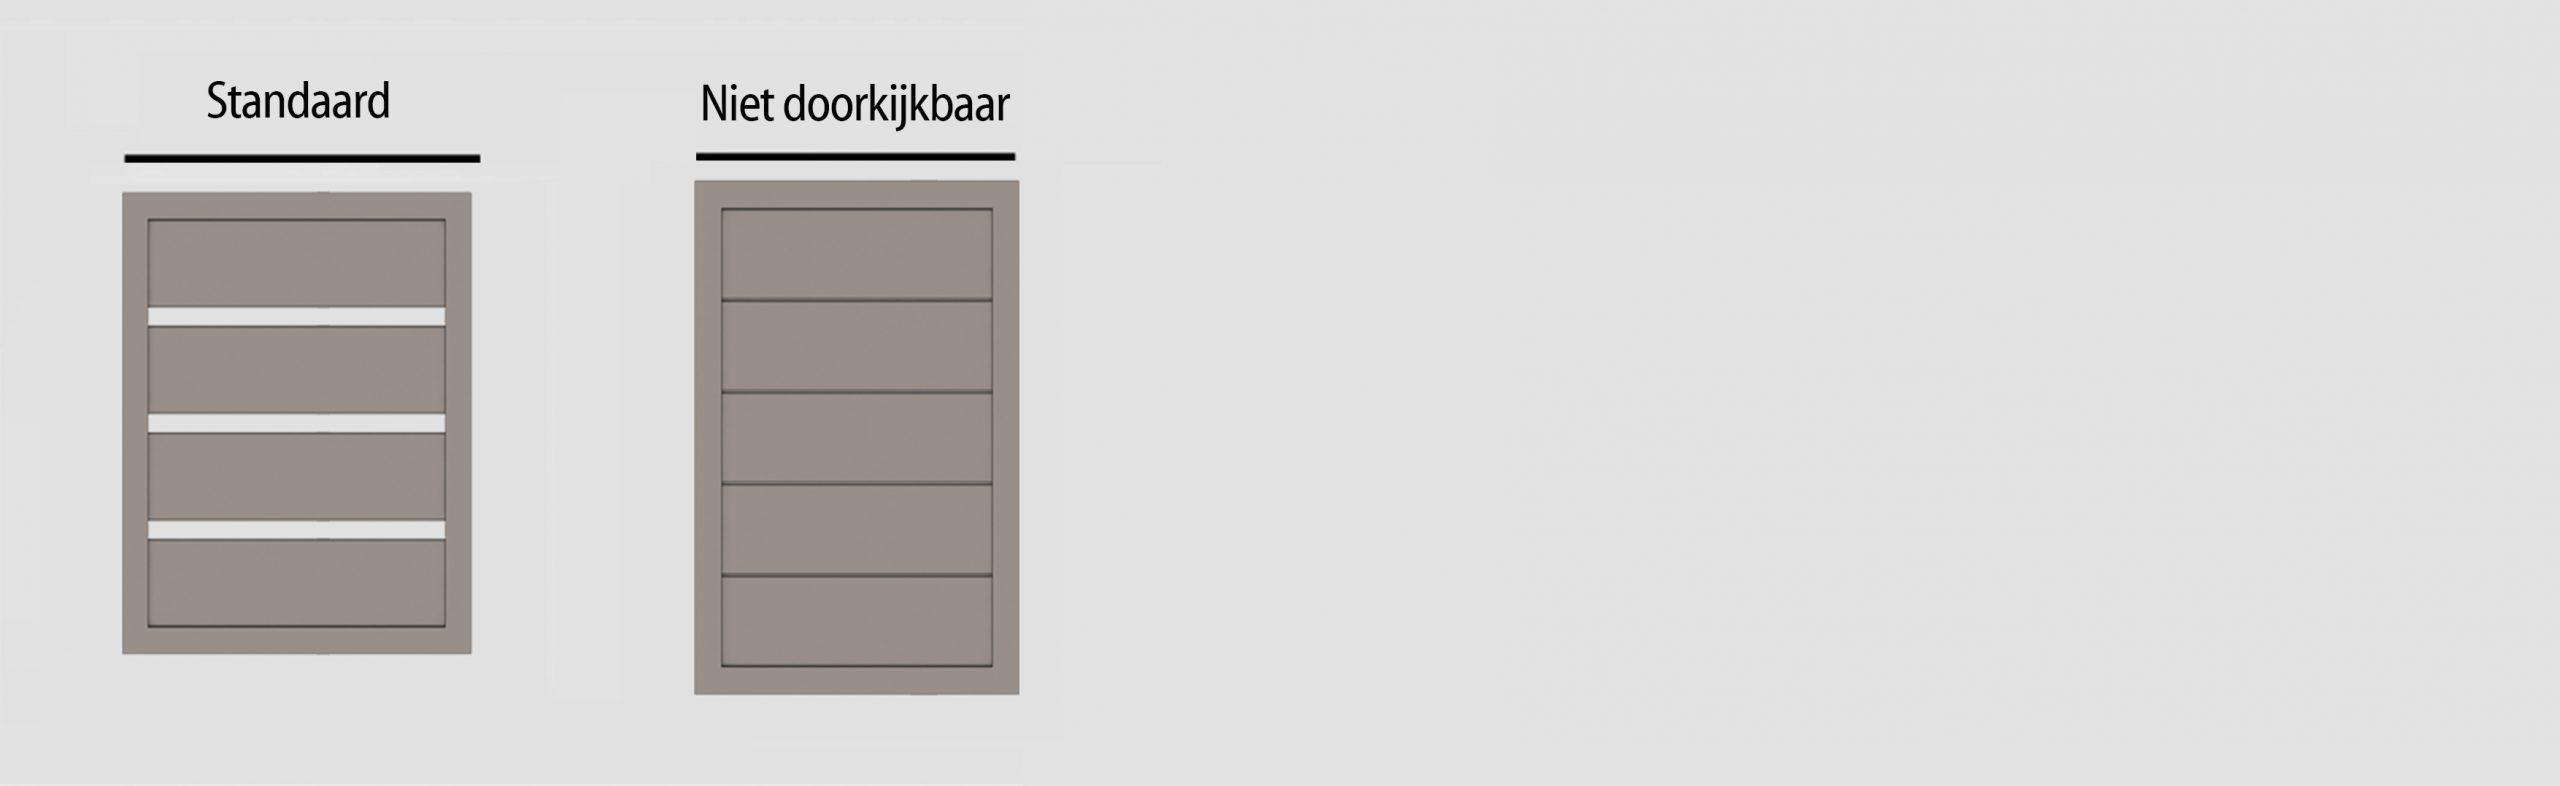 glenfiddichl schema scaled - Poorten en hekwerk - model Glenfiddich L